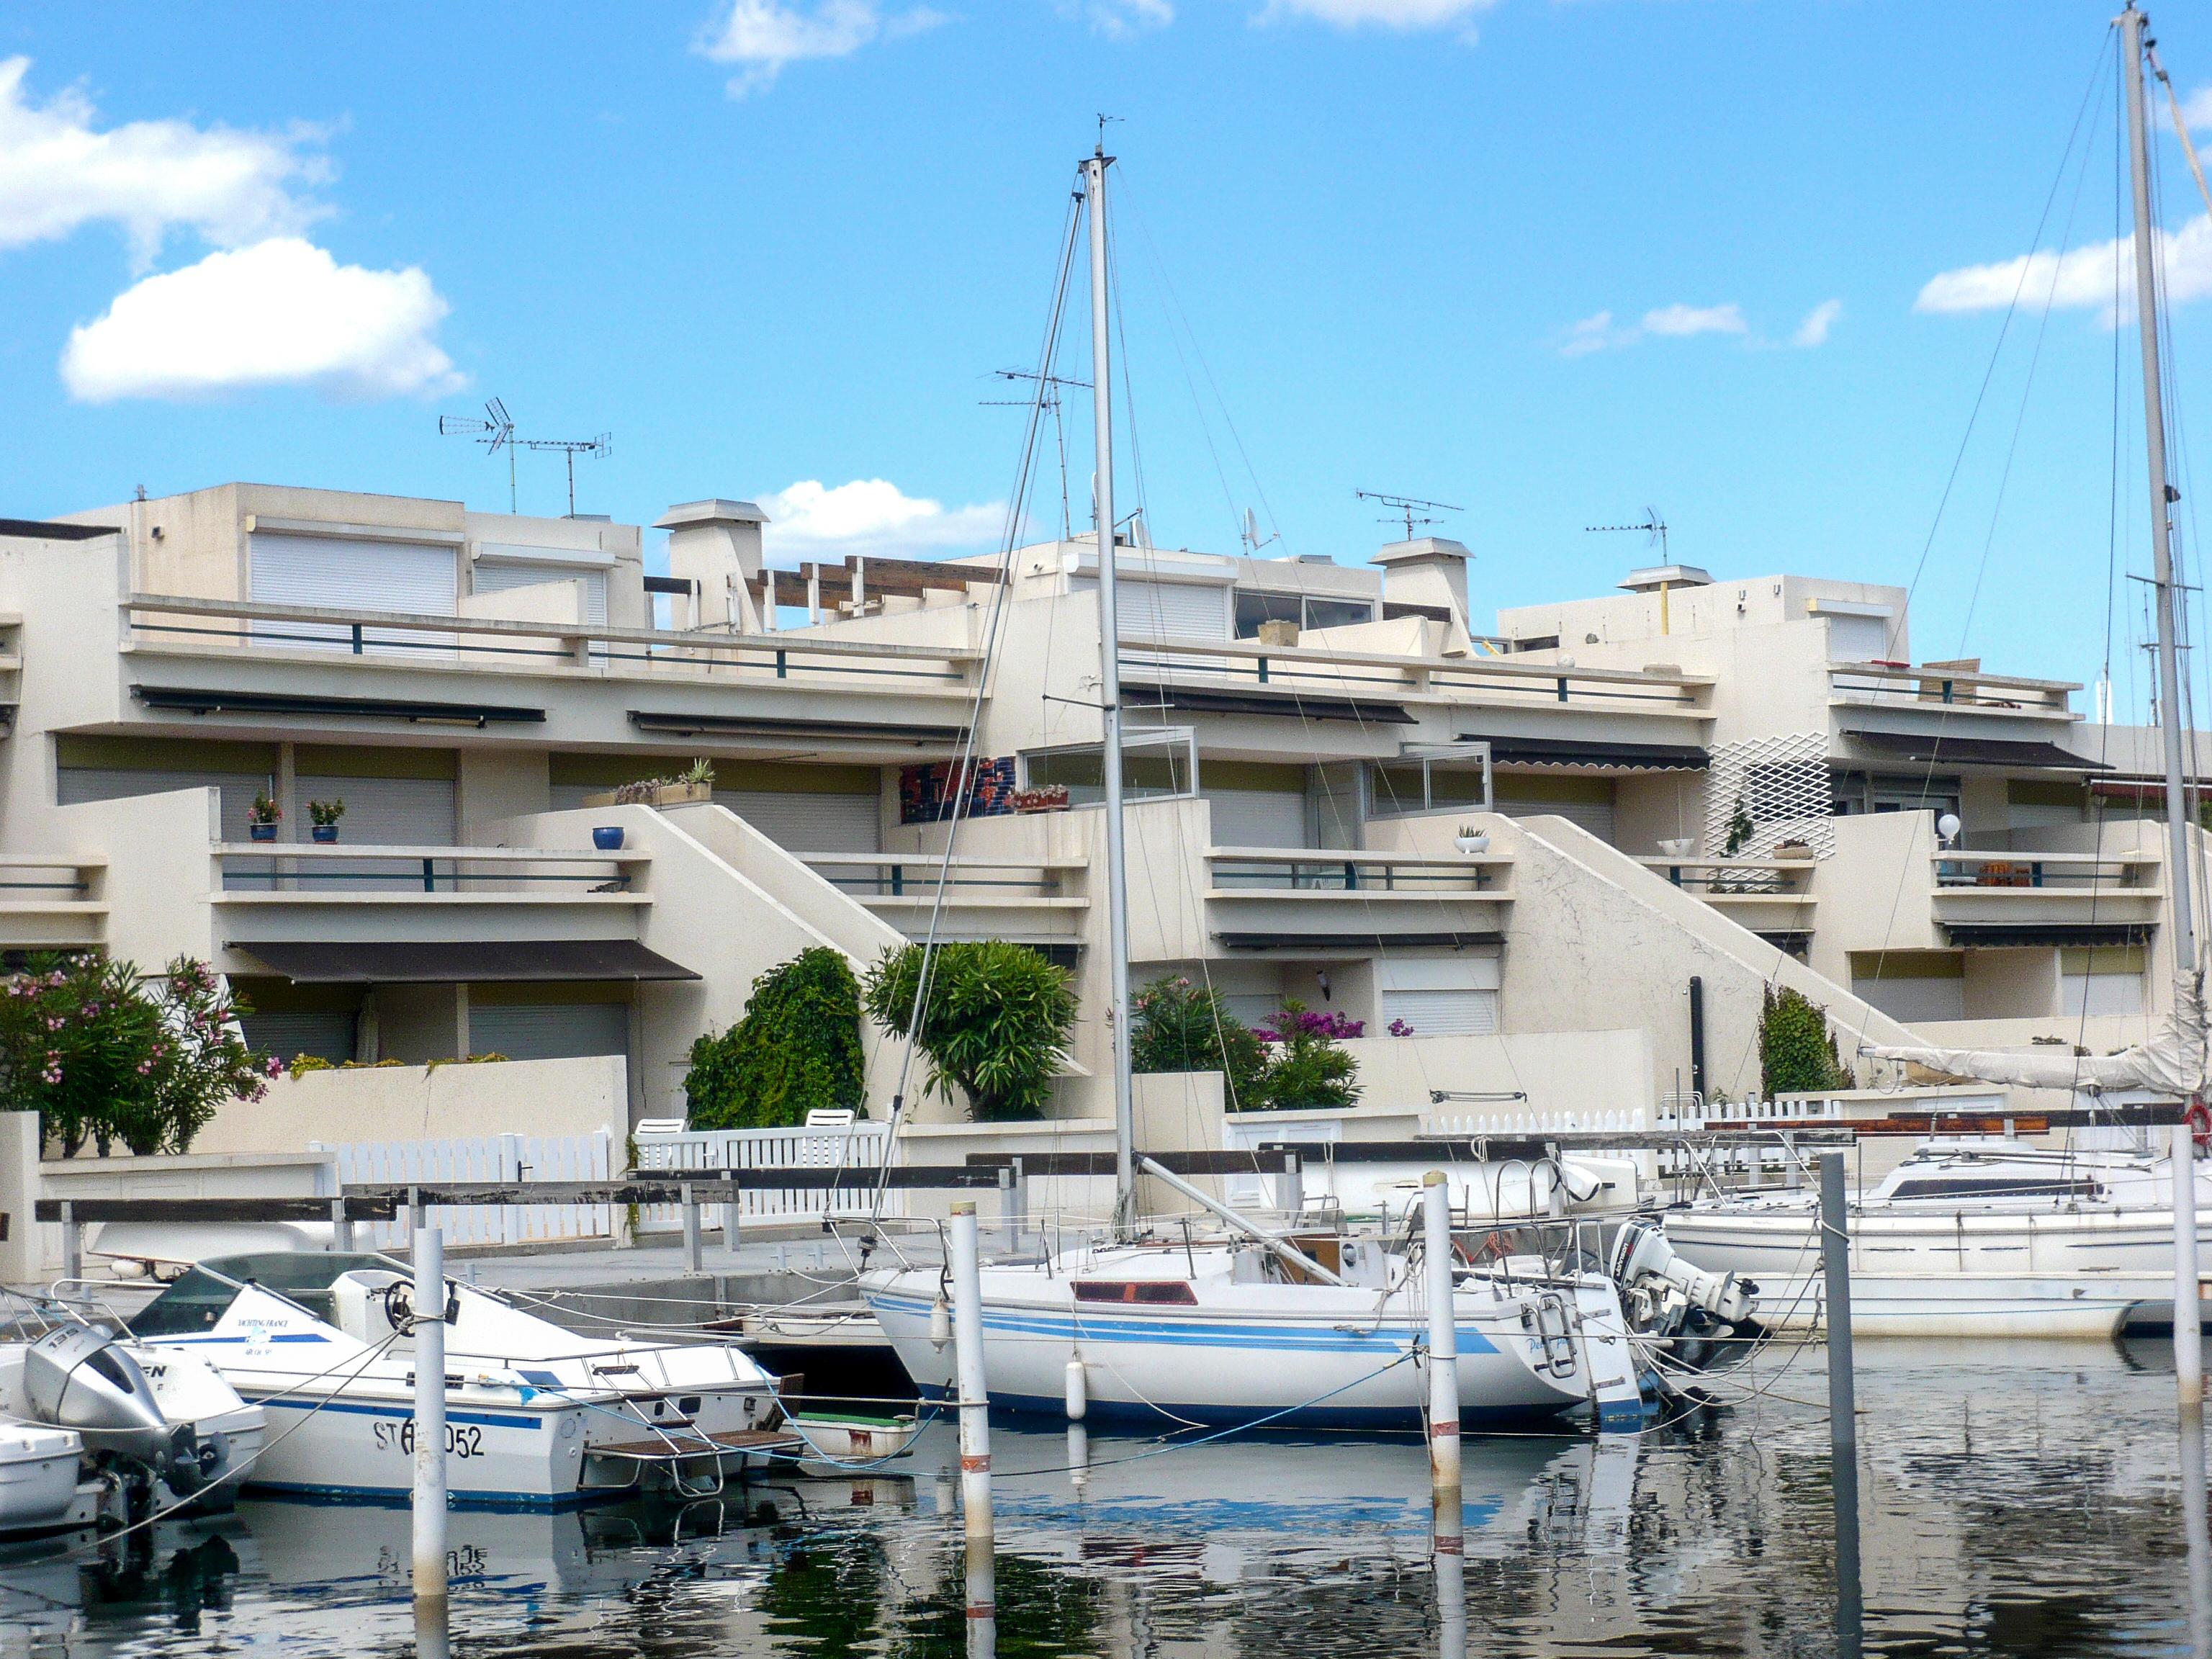 port camargue france appartement les marinas d 39 ulysse iv. Black Bedroom Furniture Sets. Home Design Ideas